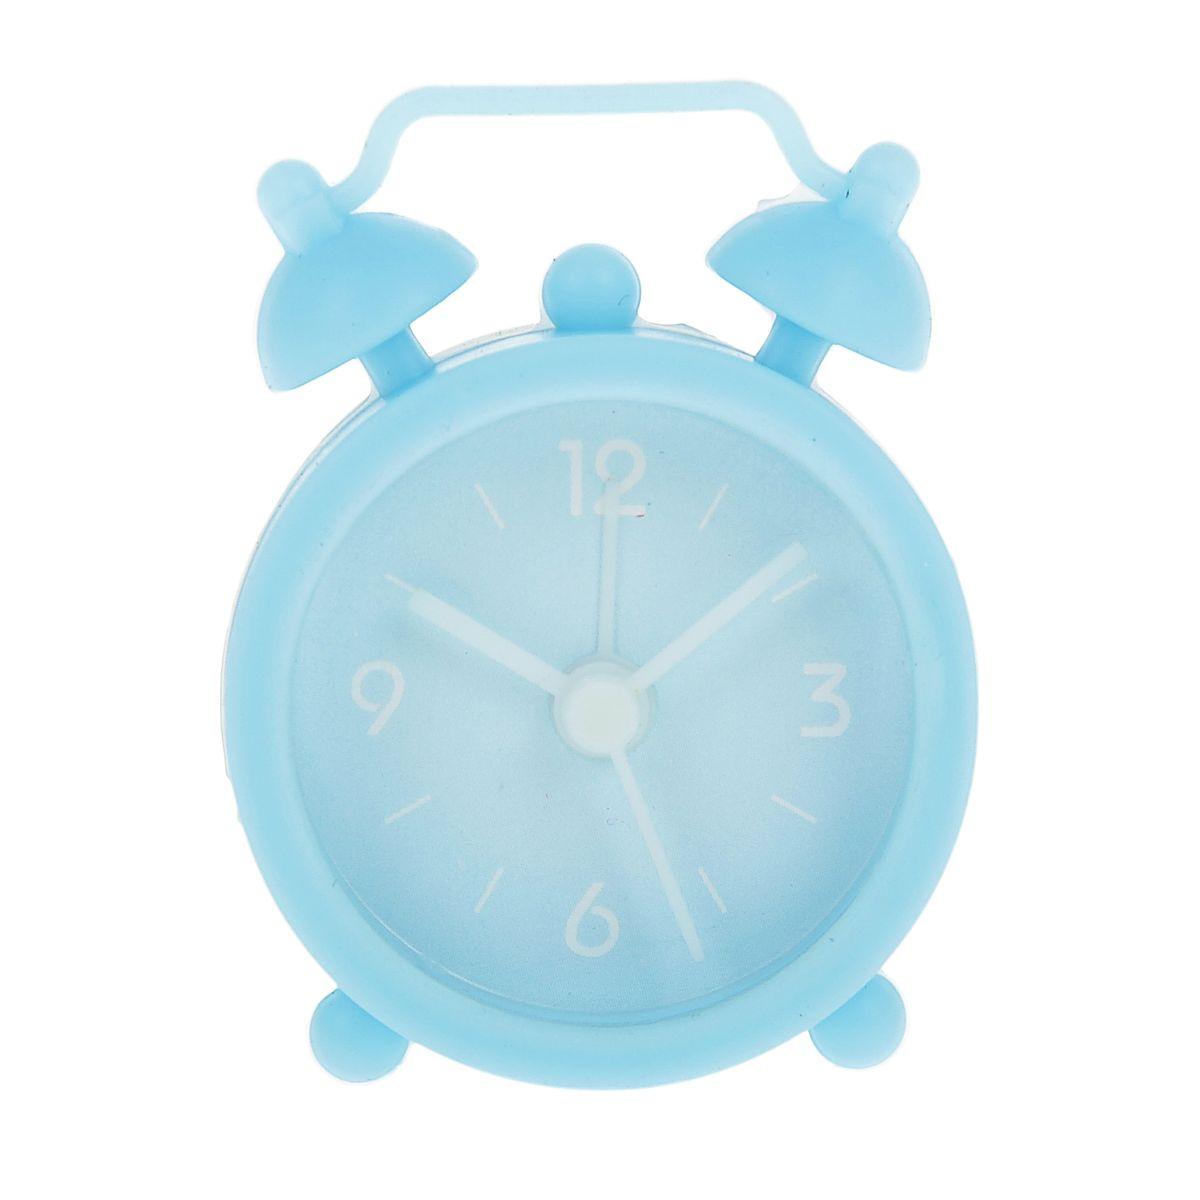 Часы-будильник Sima-land, цвет: голубой. 840940N-08Как же сложно иногда вставать вовремя! Всегда так хочется поспать еще хотя бы 5 минут и бывает, что мы просыпаем. Теперь этого не случится! Яркий, оригинальный будильник Sima-land поможет вам всегда вставать в нужное время и успевать везде и всюду. Будильник украсит вашу комнату и приведет в восхищение друзей. Эта уменьшенная версия привычного будильника умещается на ладони и работает так же громко, как и привычные аналоги. Время показывает точно и будит в установленный час. Благодаря мягкому силиконовому корпусу изделие не получит повреждений даже при падении. На задней панели будильника расположены переключатель включения/выключения механизма, а также два колесика для настройки текущего времени и времени звонка будильника.Будильник работает от 1 батарейки типа LR44 (входит в комплект).